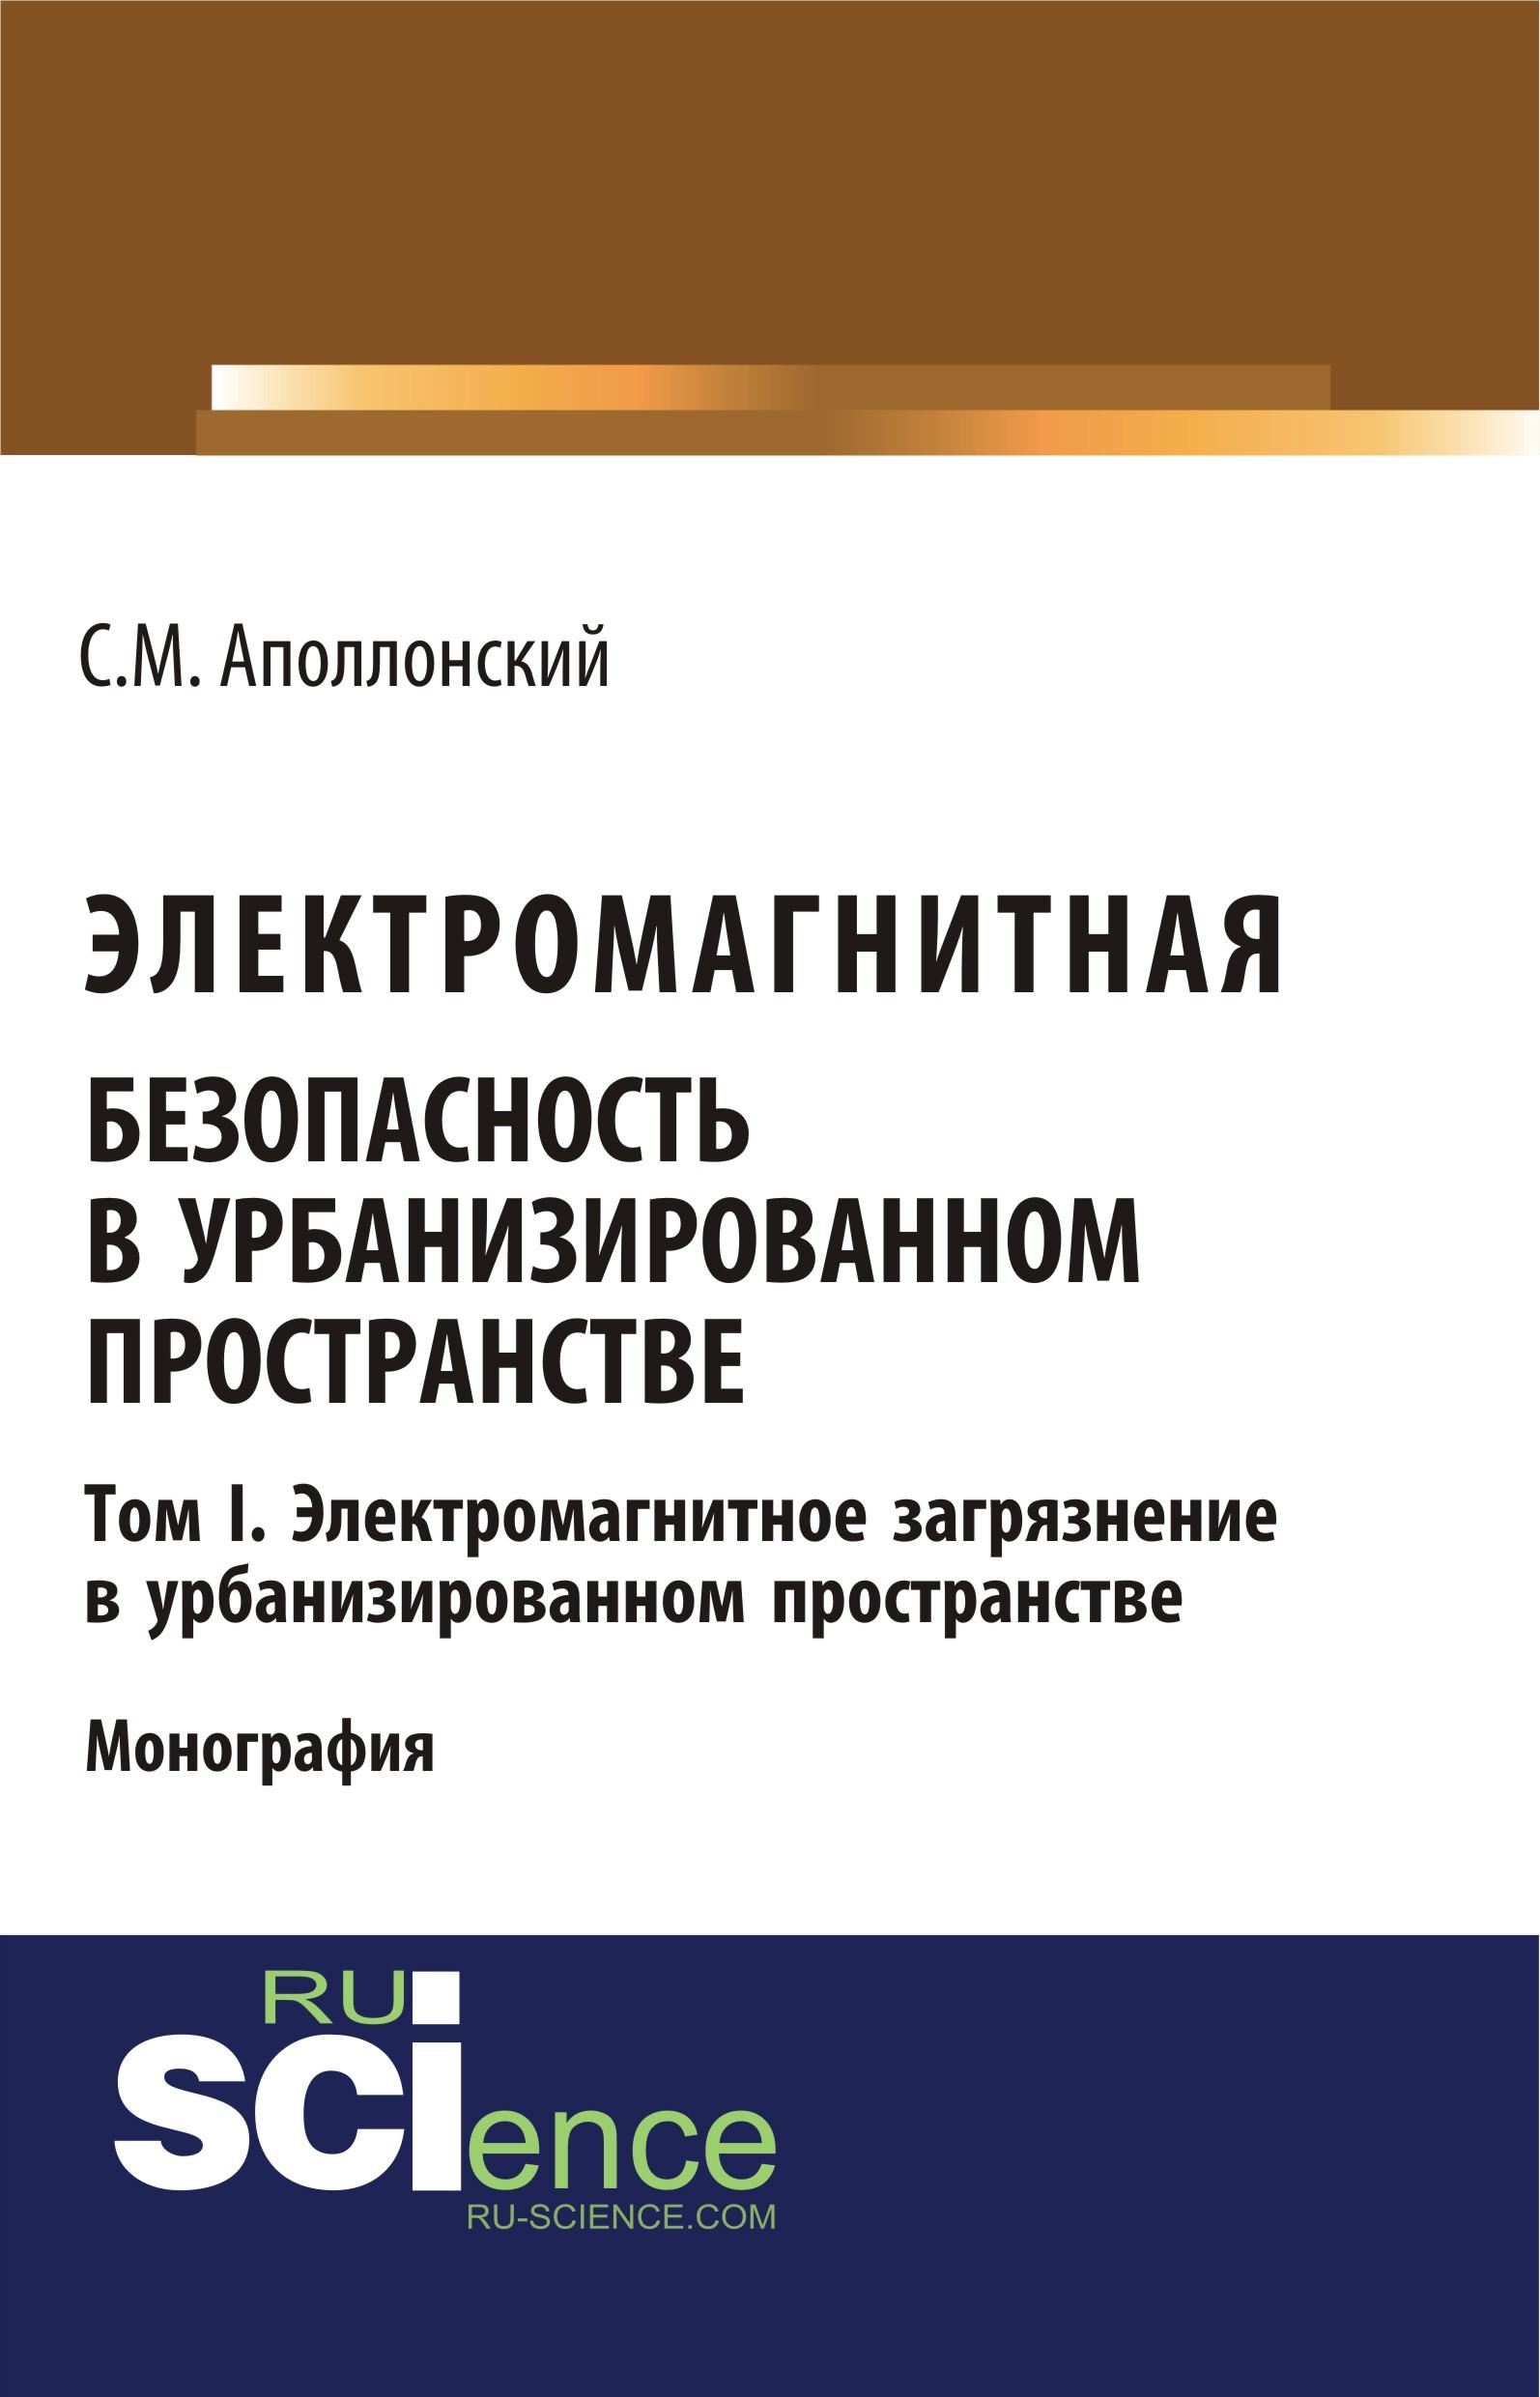 Электромагнитная безопасность в урбанизированном пространстве: монография. Т. I. Электромагнитное загрязнение в урбанизированном пространстве